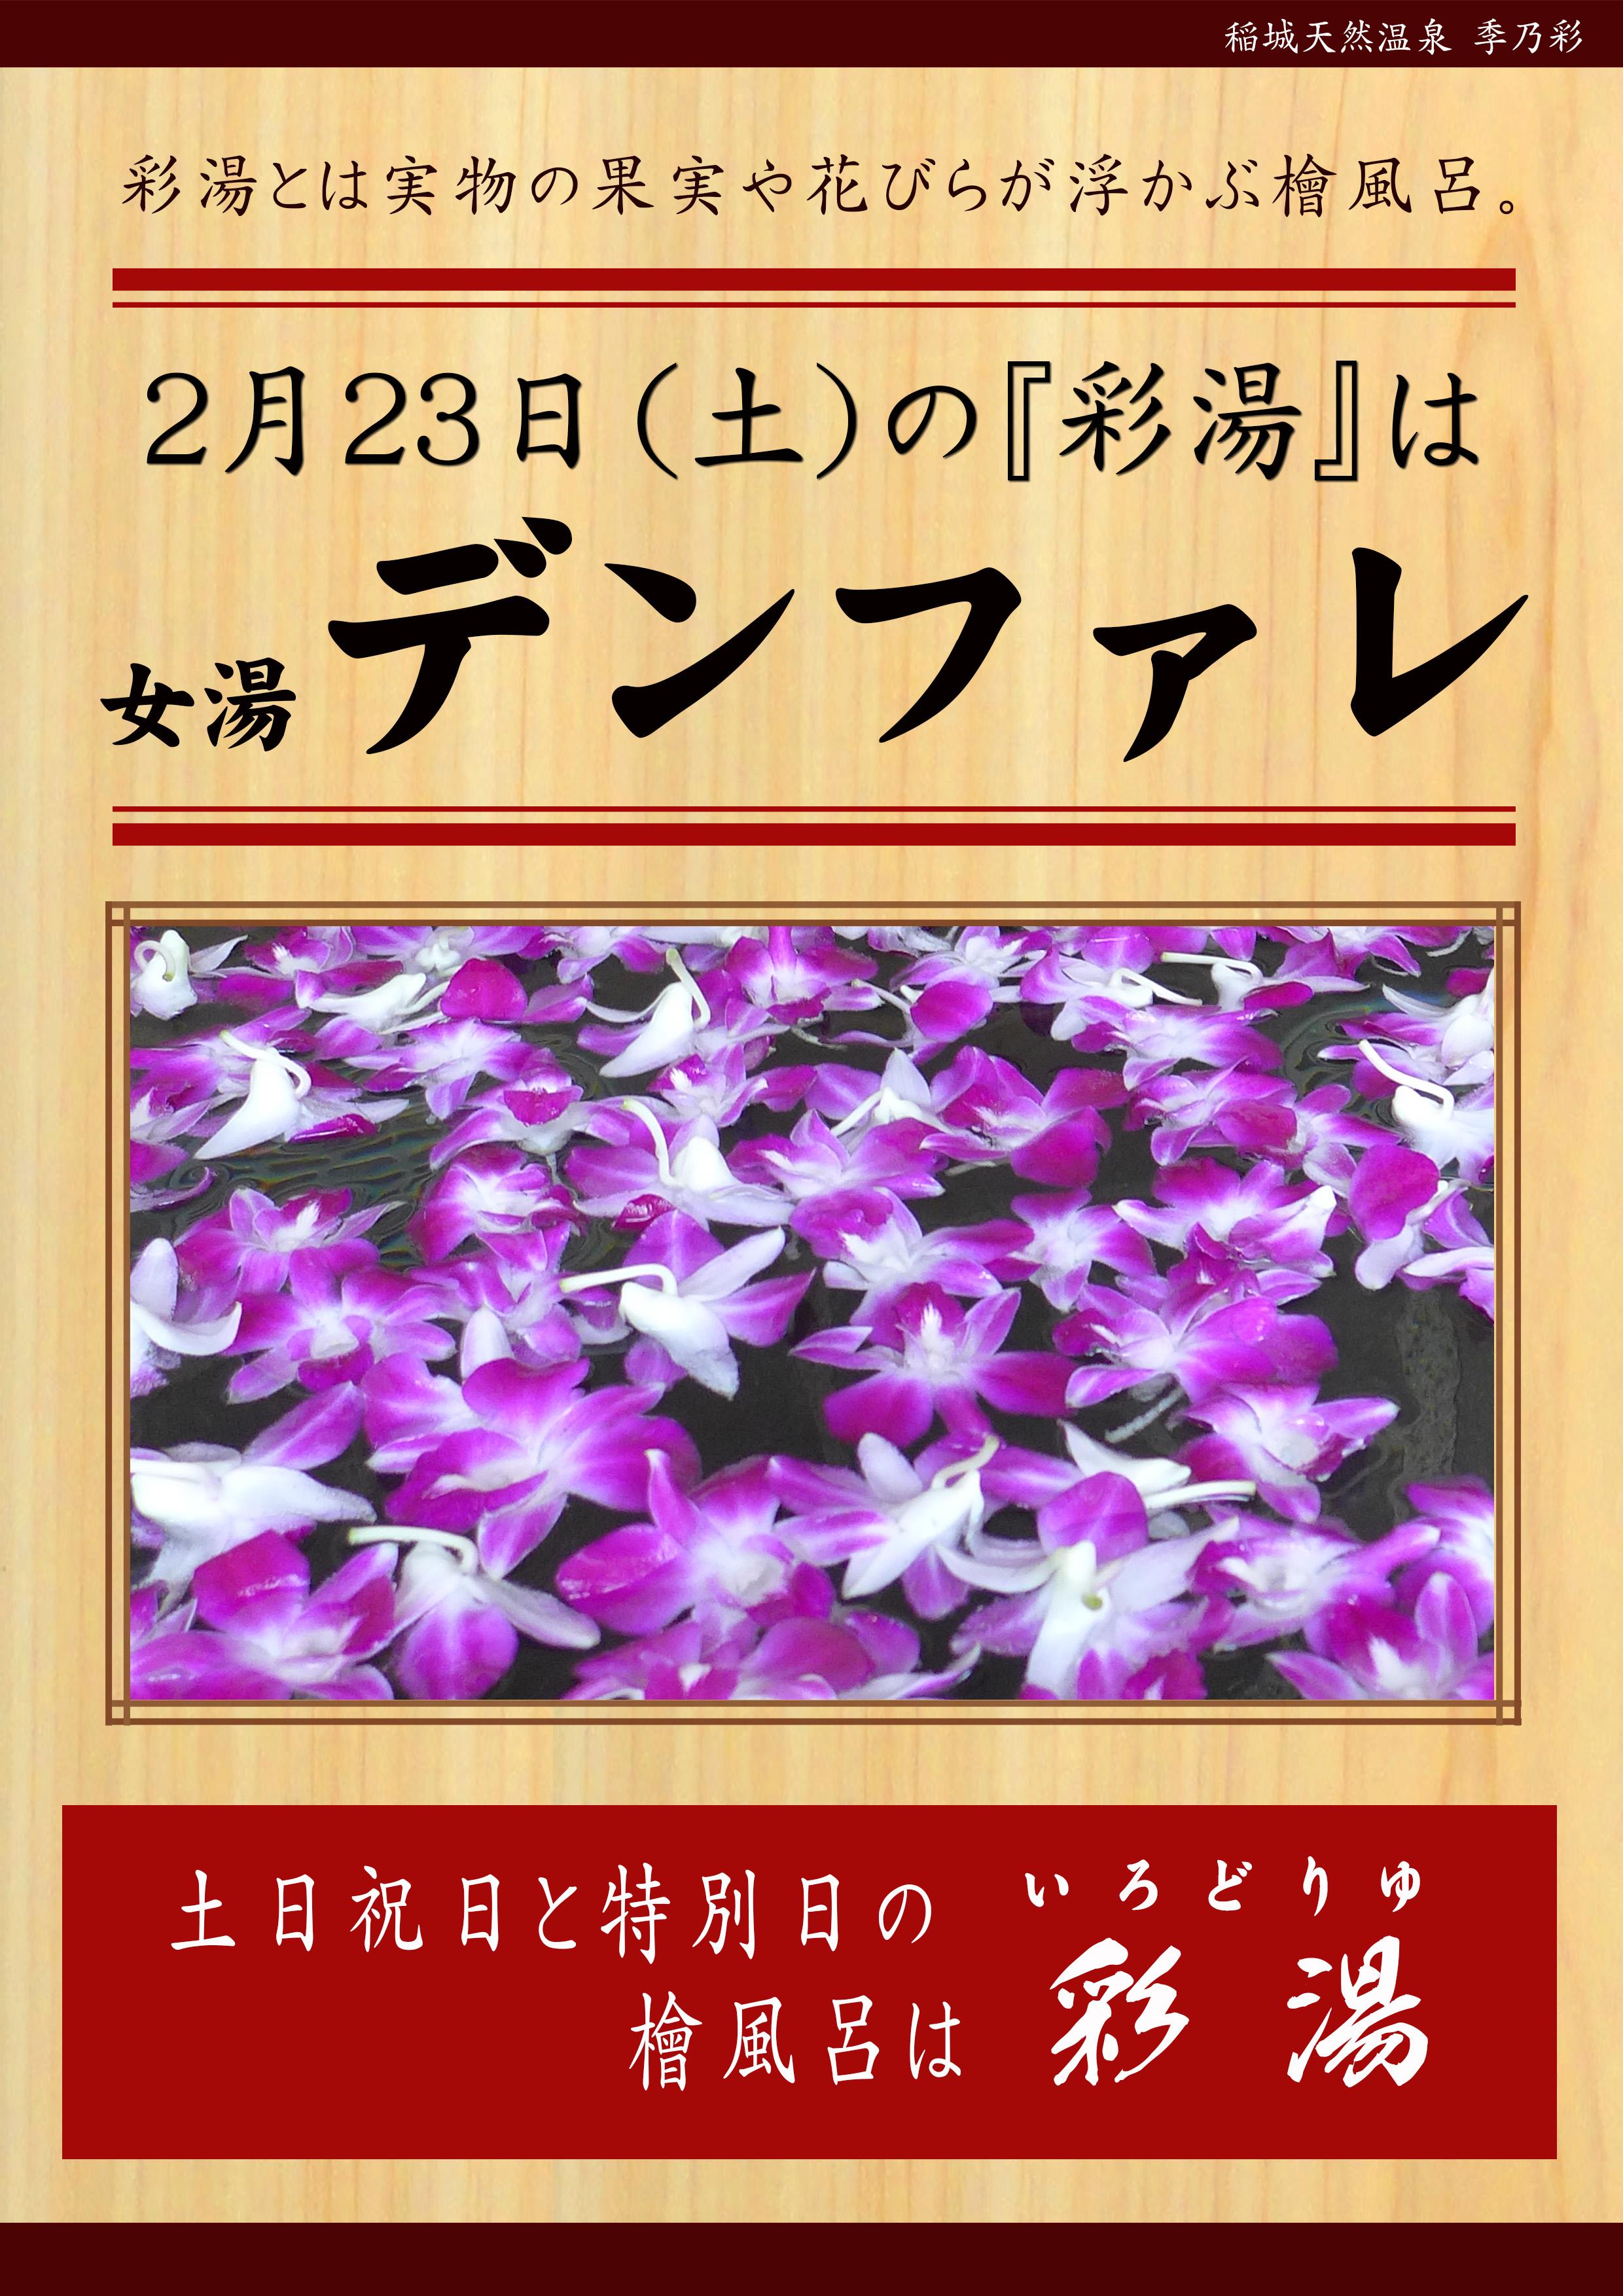 20190223 POP イベント 彩湯 女湯 デンファレ